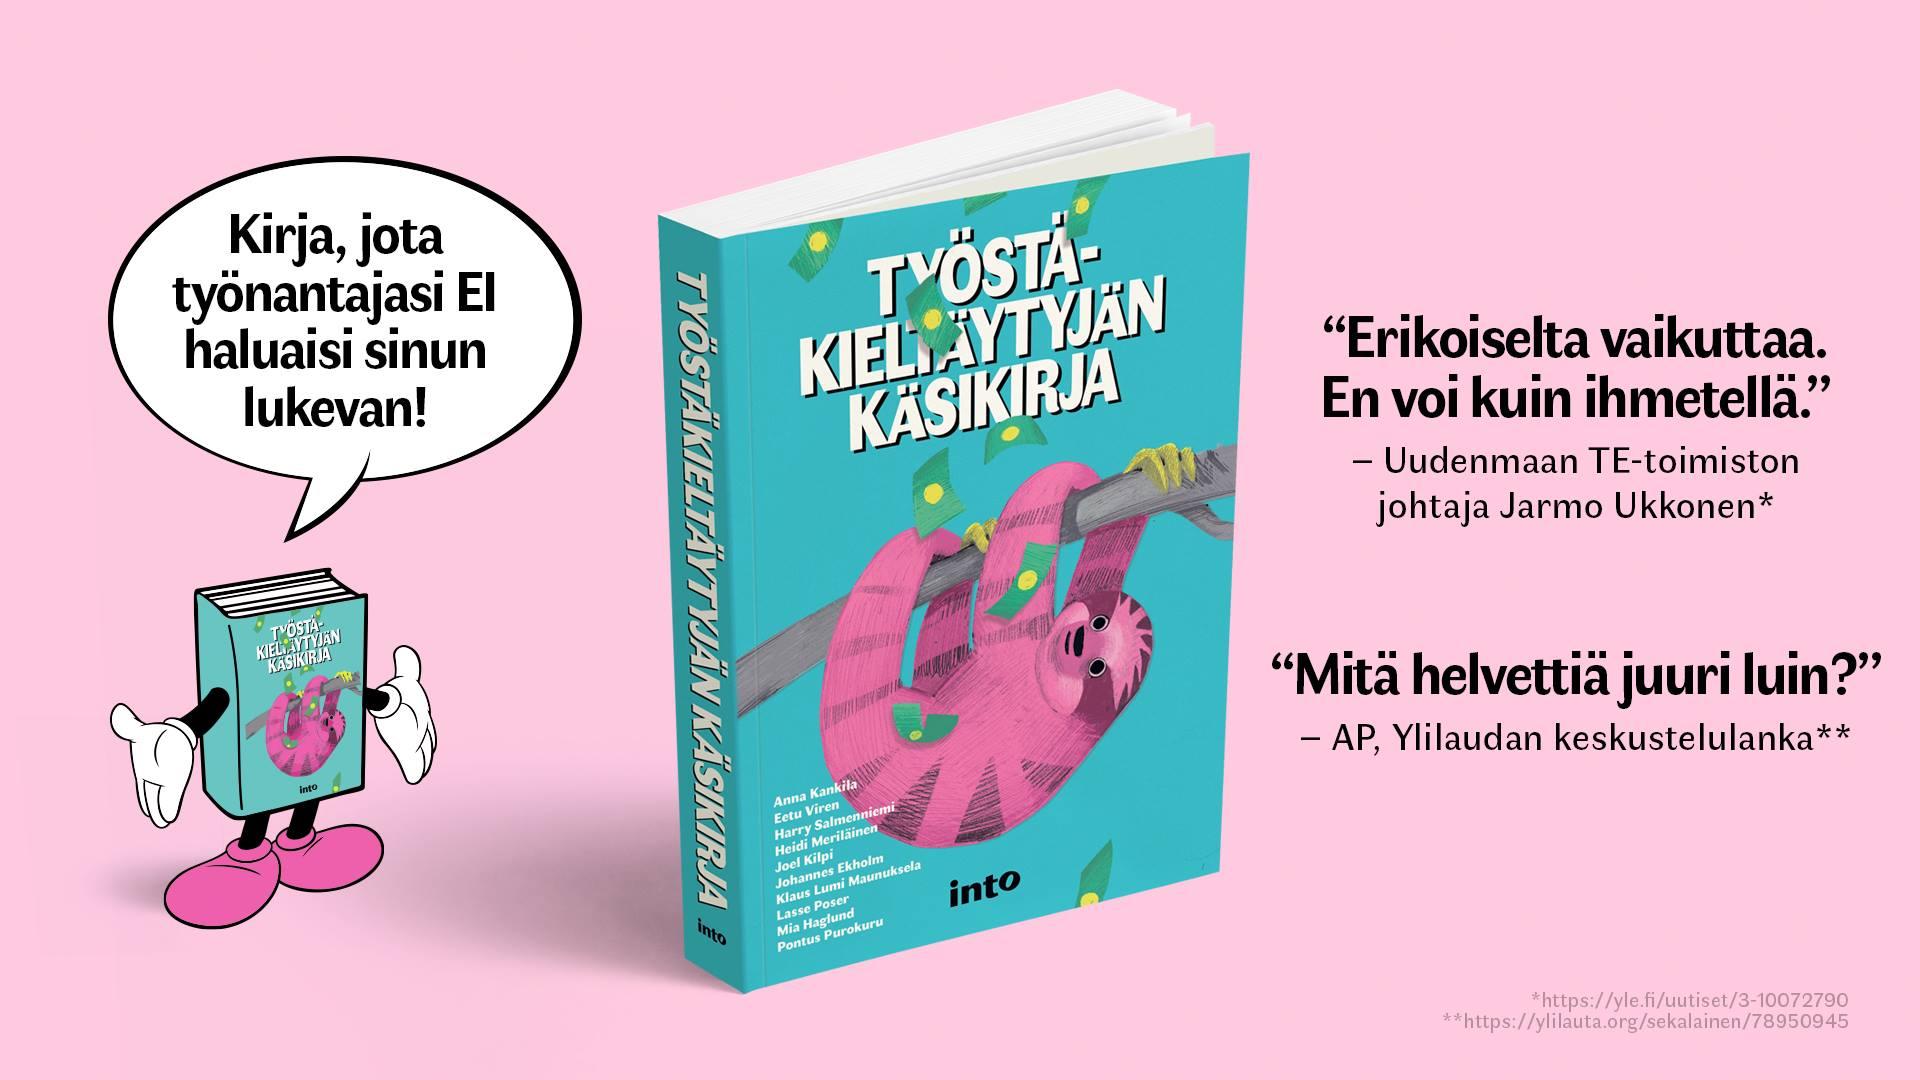 Työstäkieltäytyjän Käsikirja